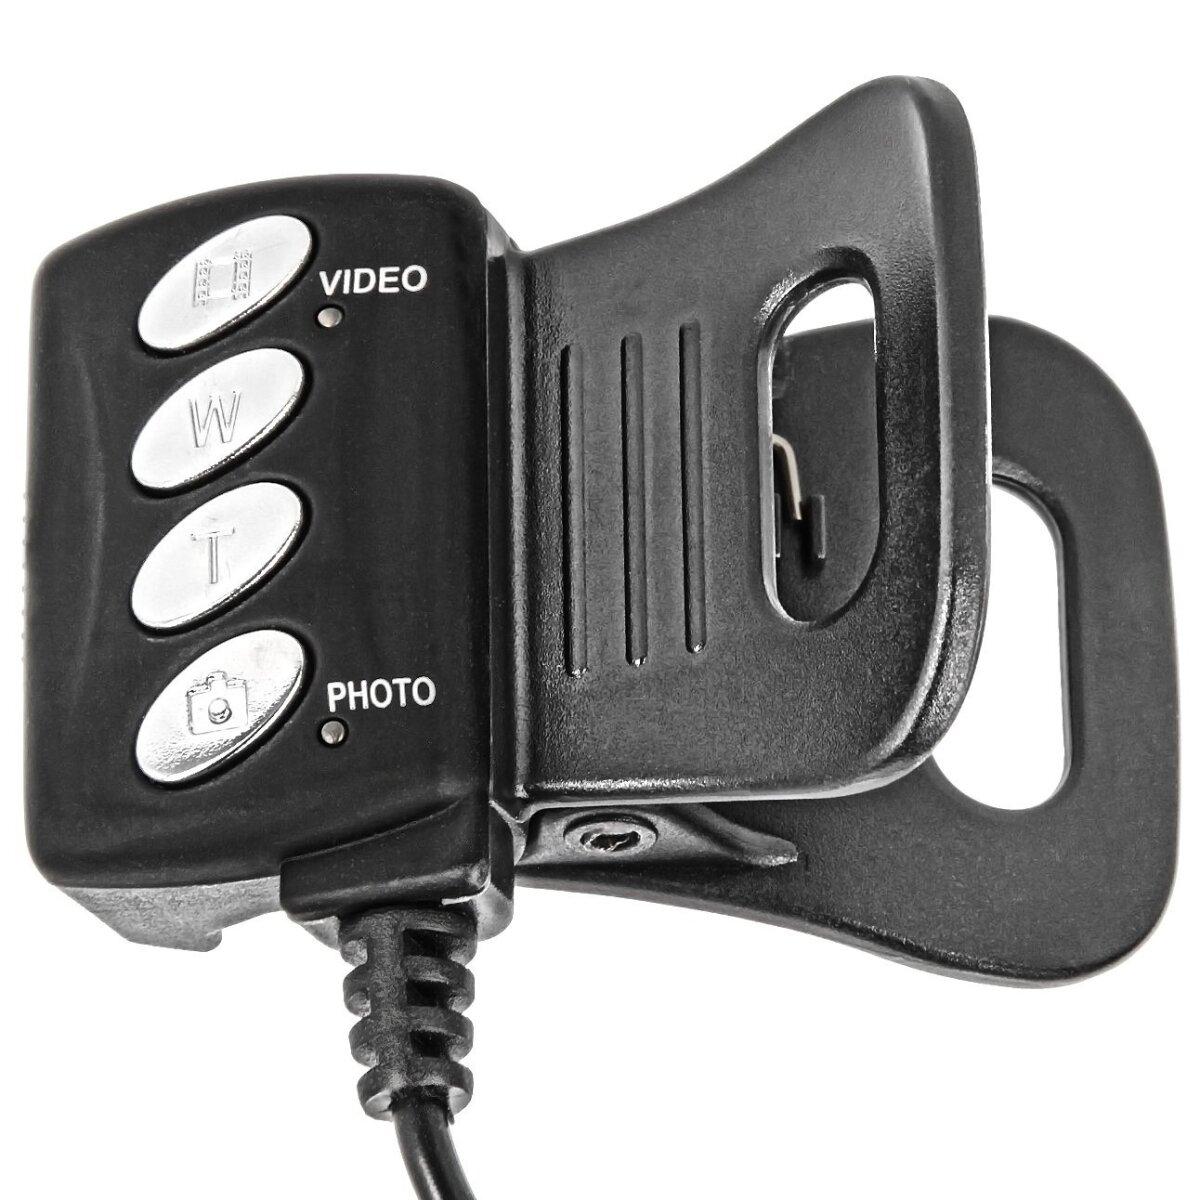 Video-Fernsteuerung kompatibel mit Sony Camcorder mit Lanc oder ACC Anschluss